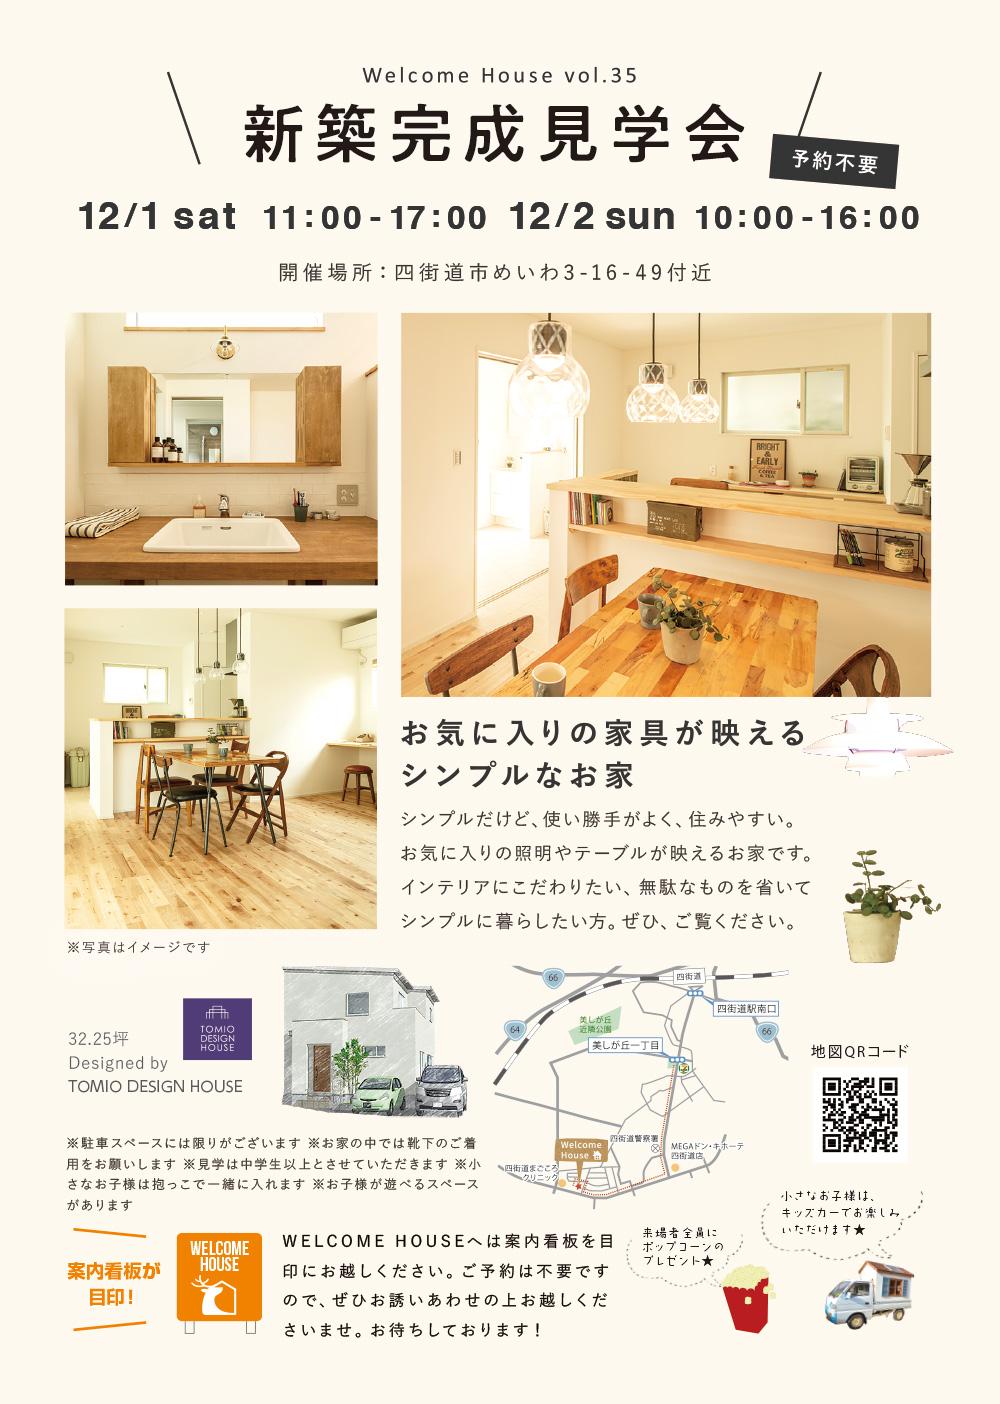 12/1-2 四街道市:完成見学会 お気に入りの家具が映えるシンプルなお家